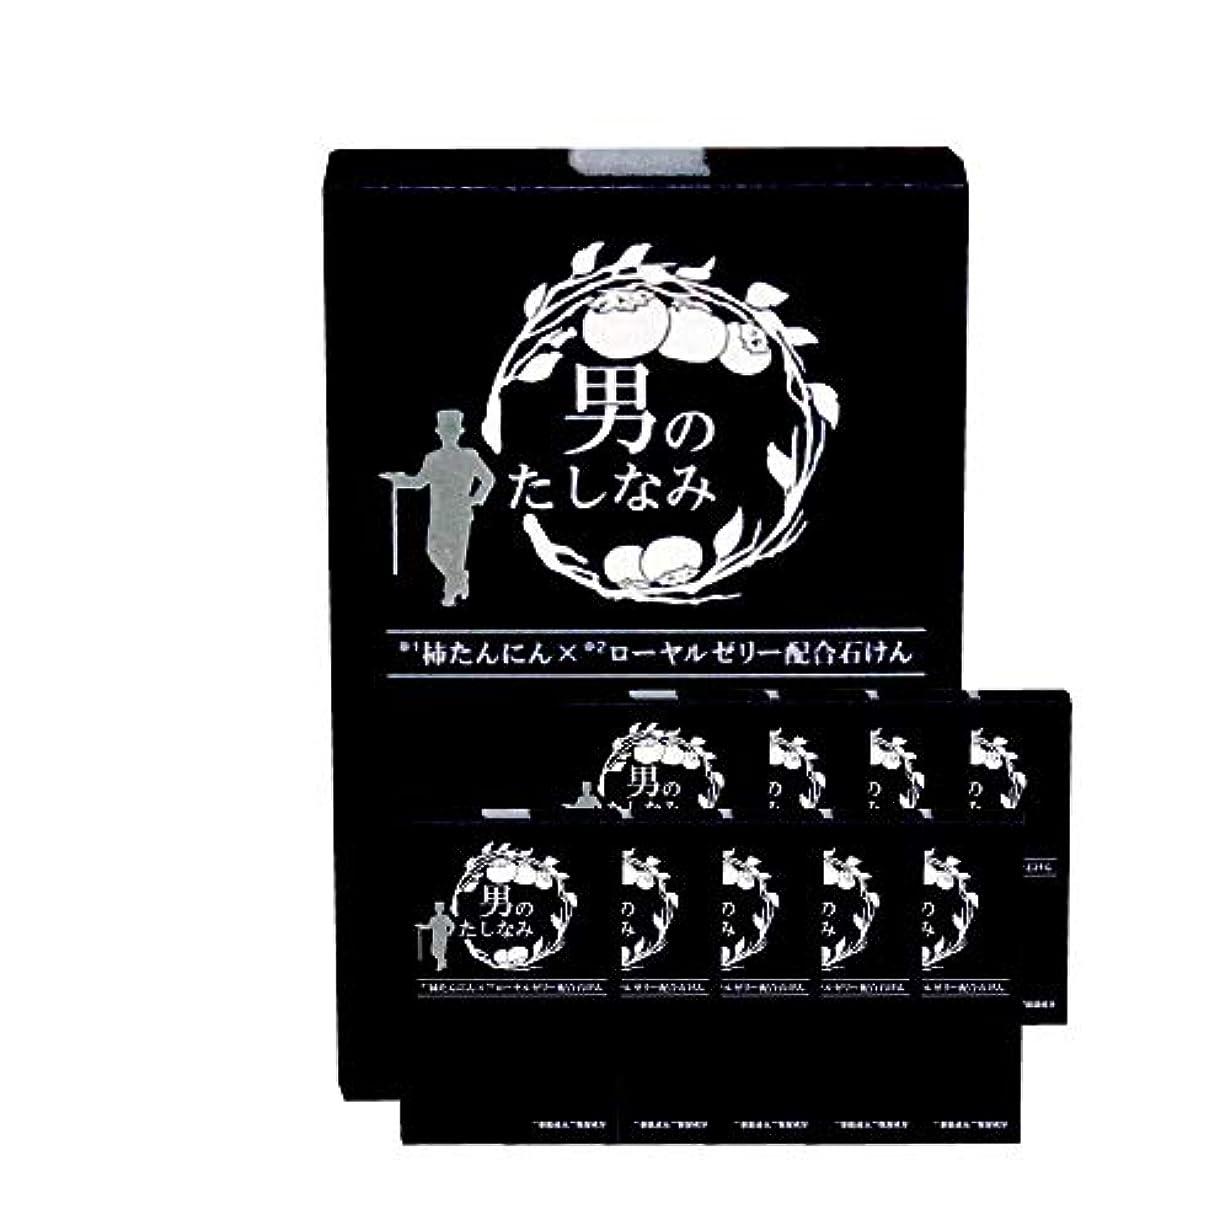 ルー百万長椅子柿渋石鹸 男のたしなみ 100g (10個セット)